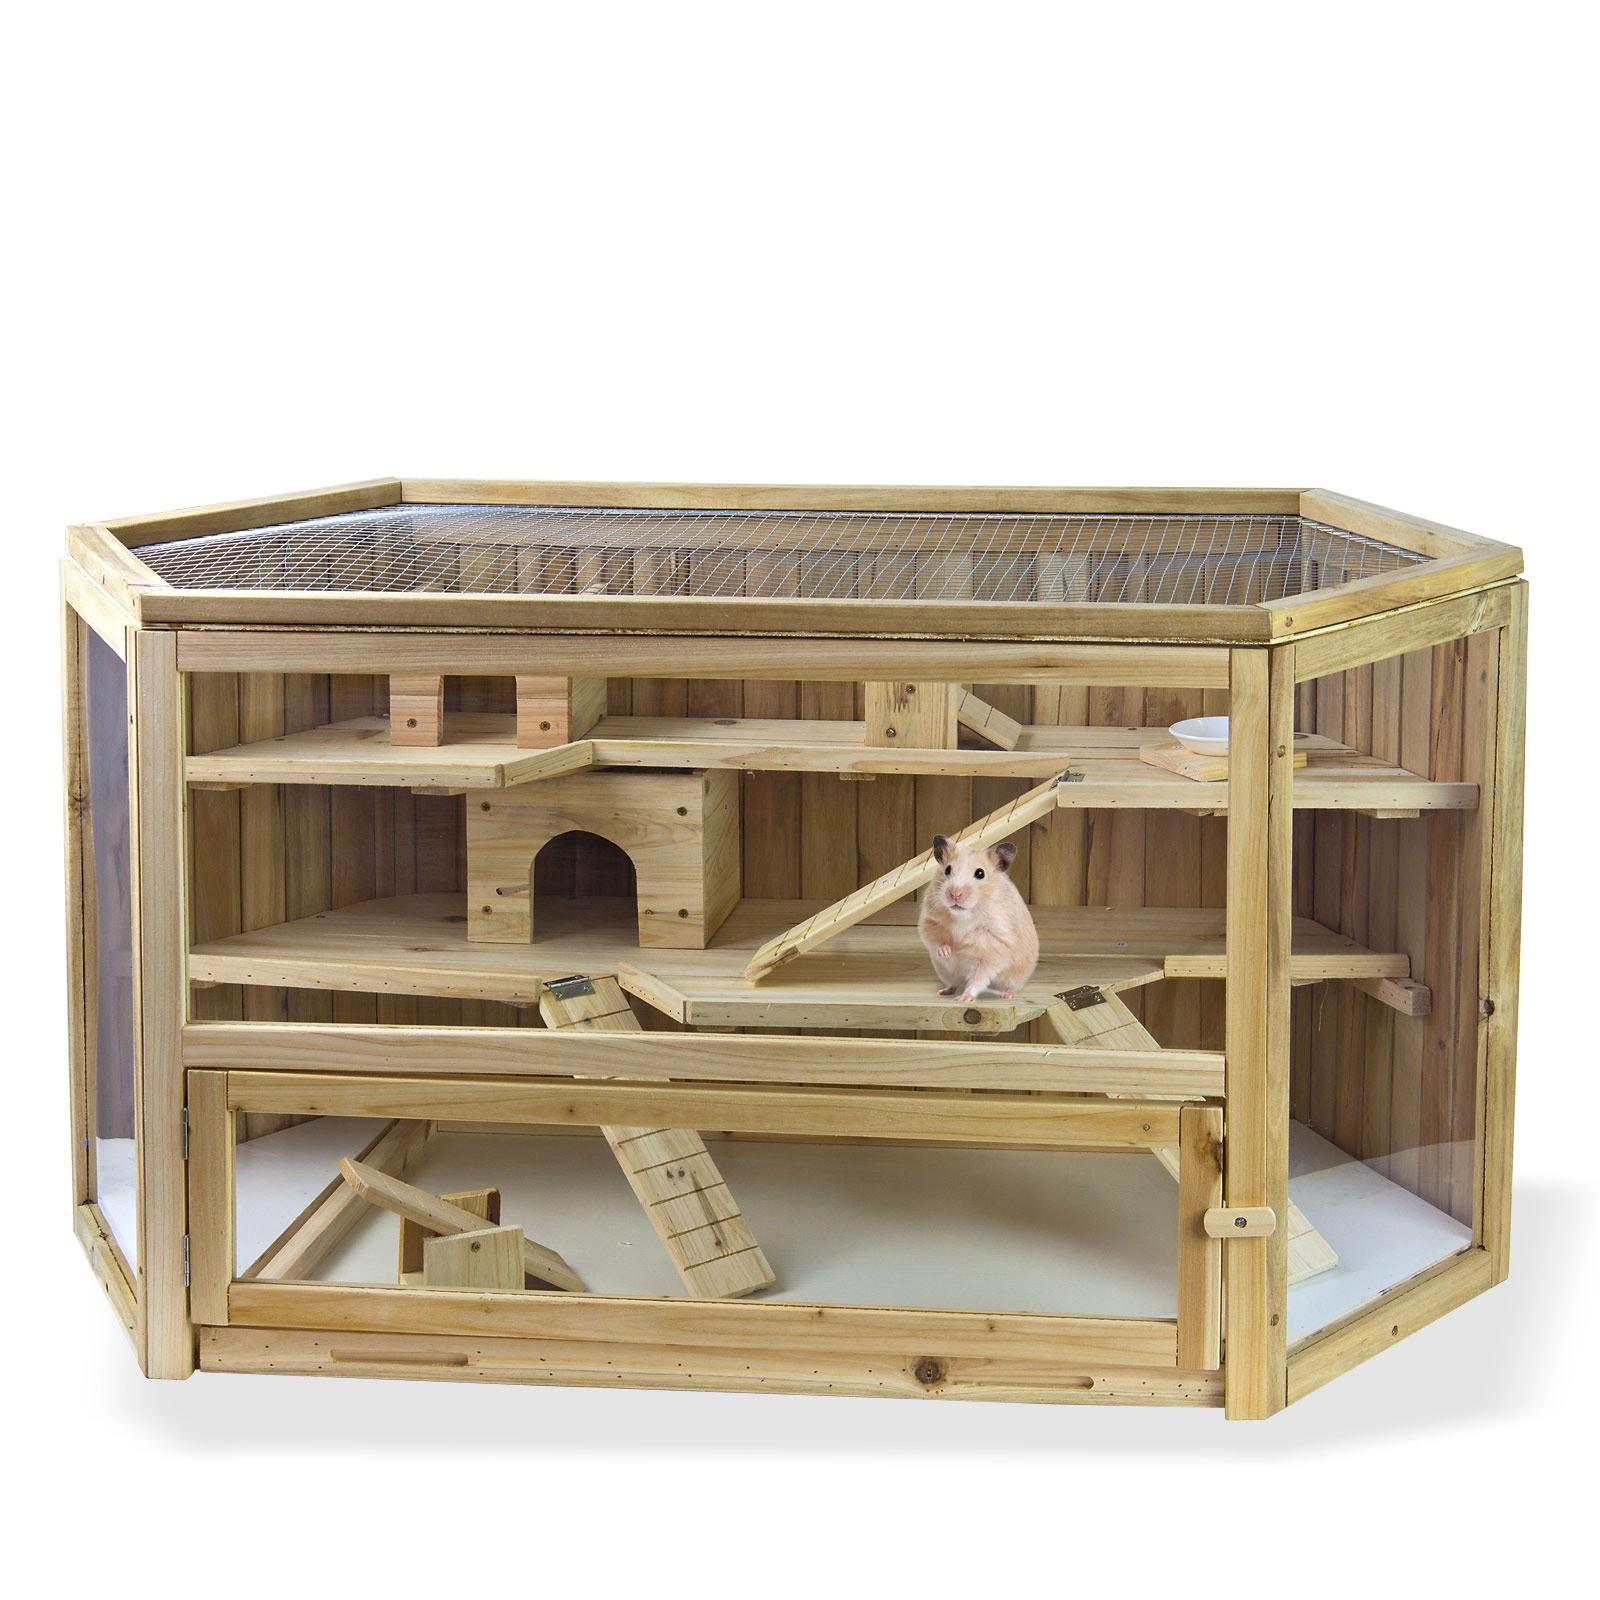 Dema Kleintiergehege / Kleintierstall Lausitz aus Holz 117x62x58 cm 41600